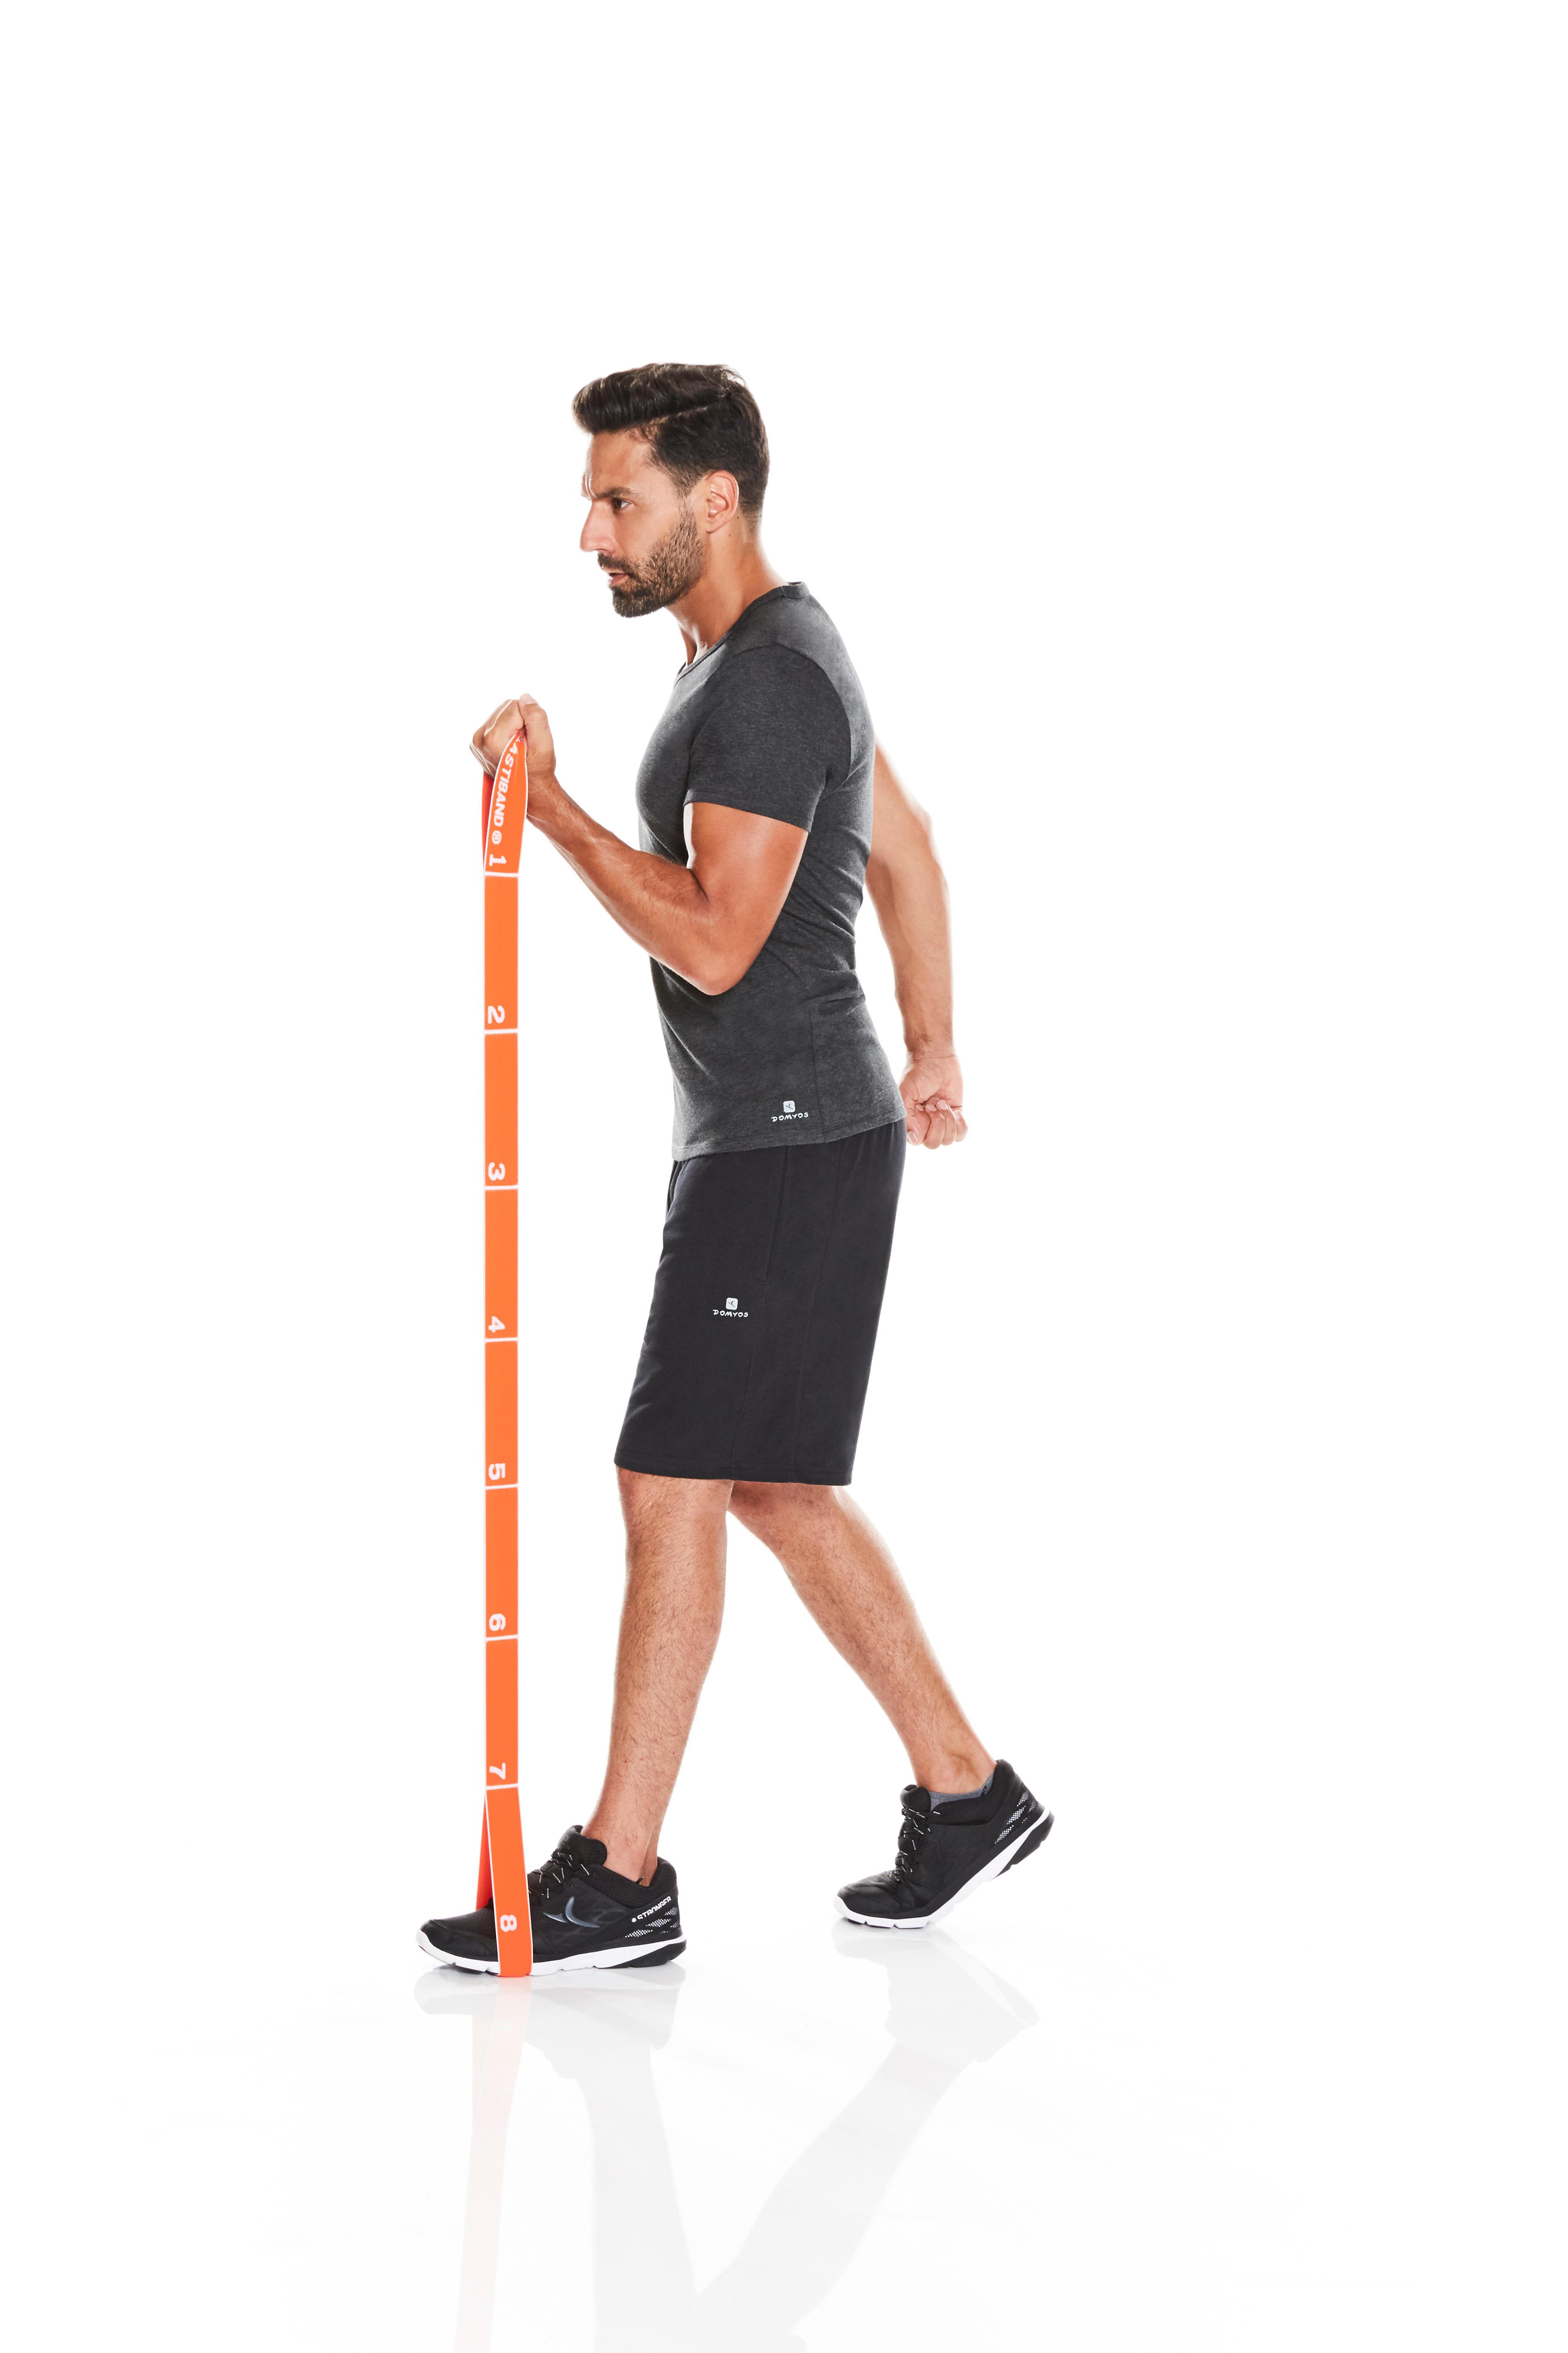 Pilates Toning Elastic Strap Level Hard